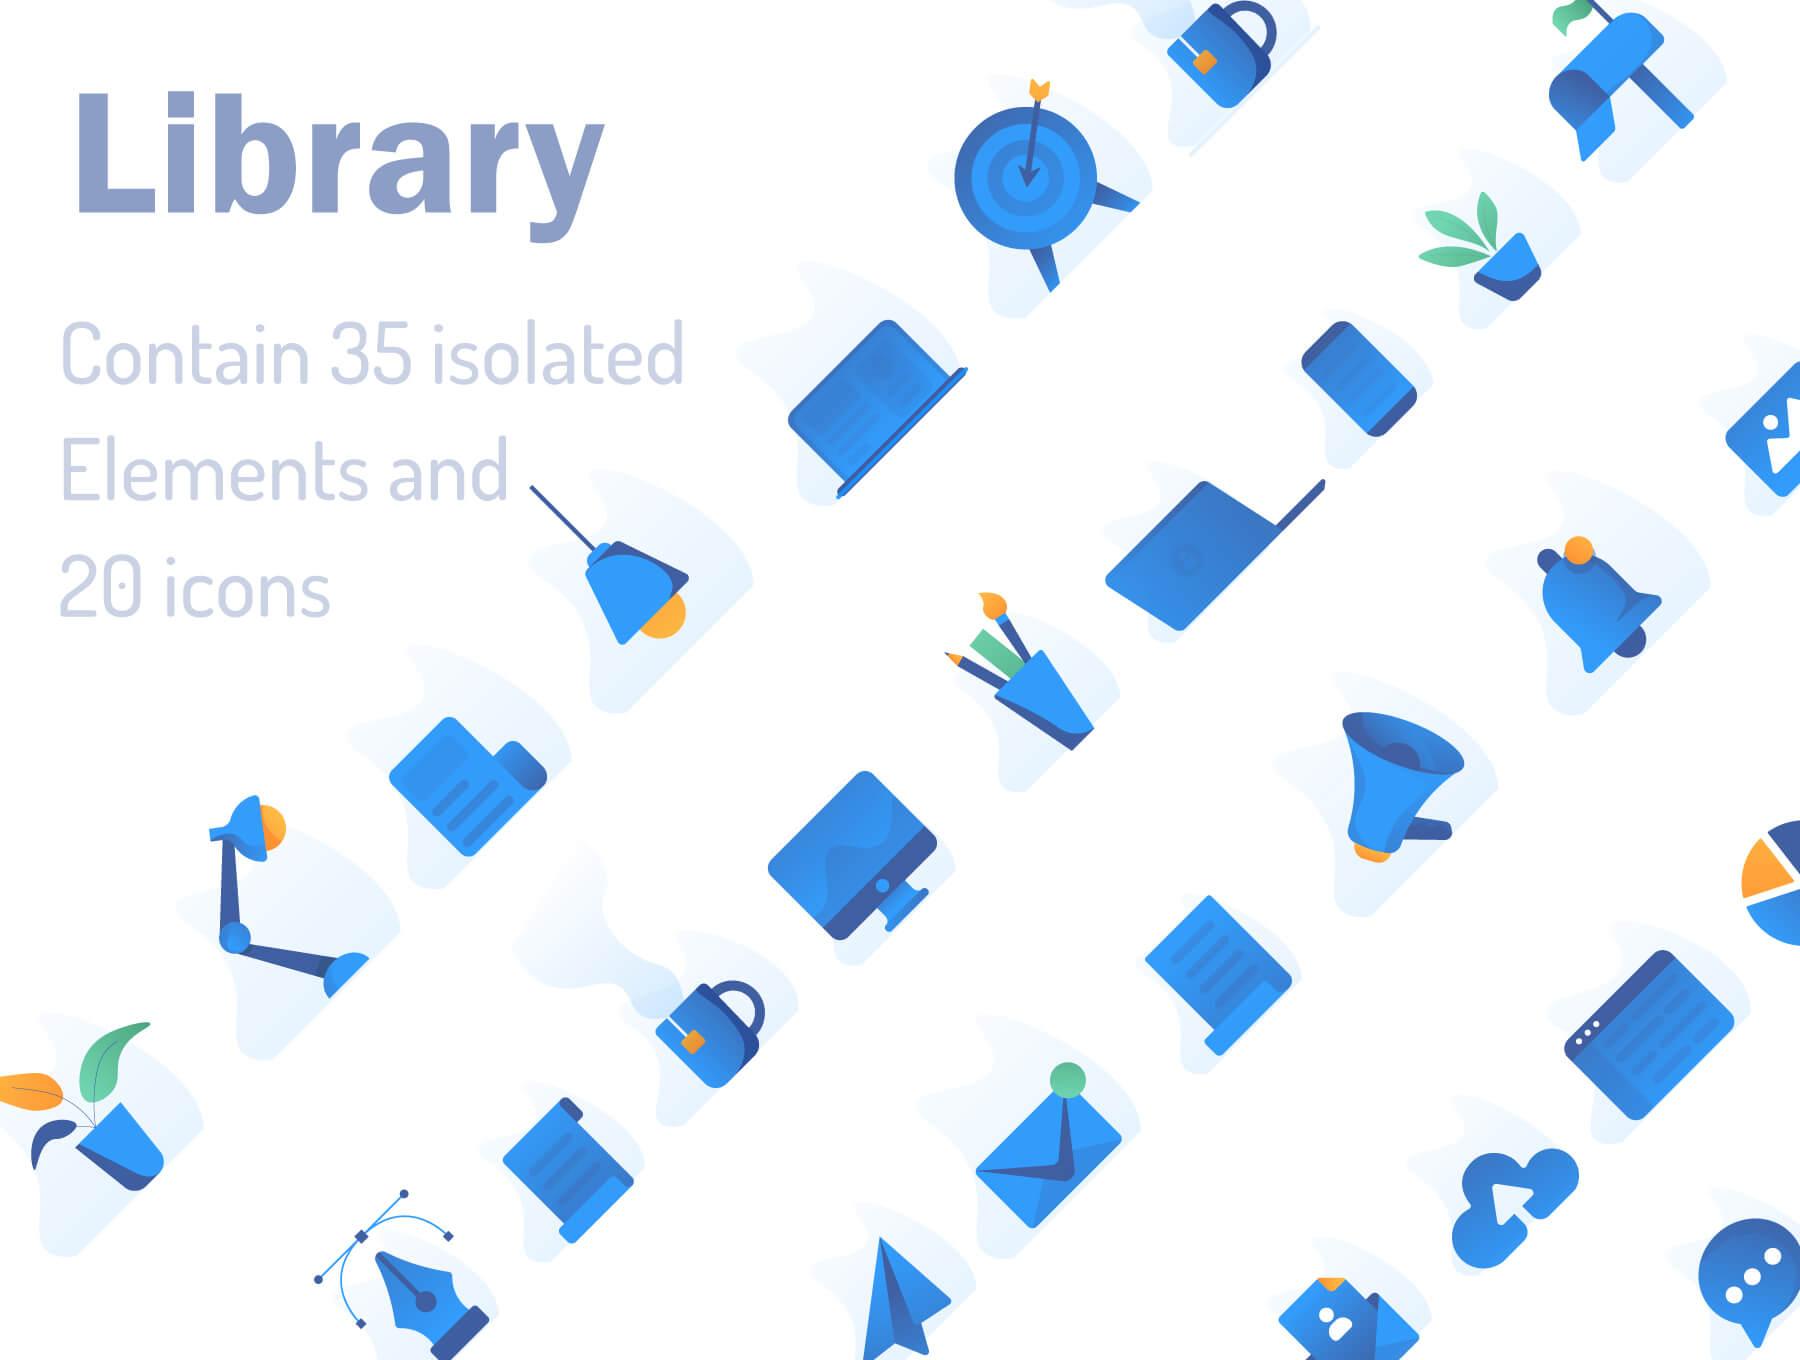 现代企业办公场景插画/移动界面素材下载Illustration Pack插图(1)